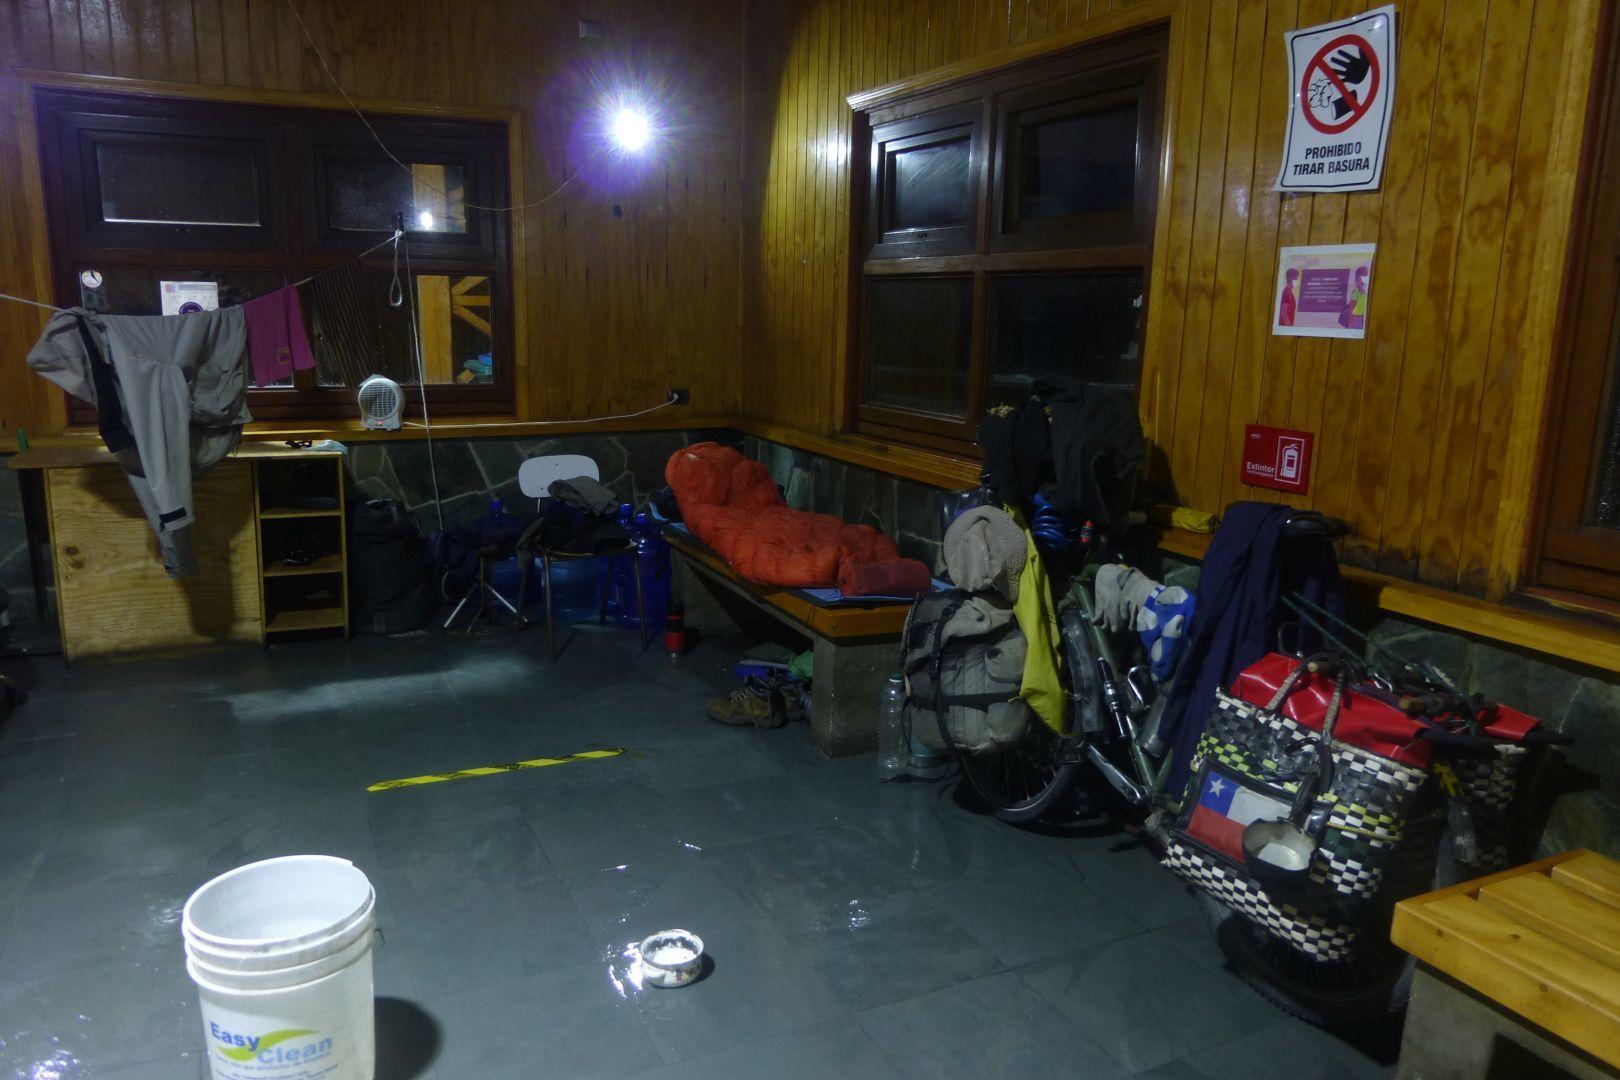 en un refugio para pasajeros de barco